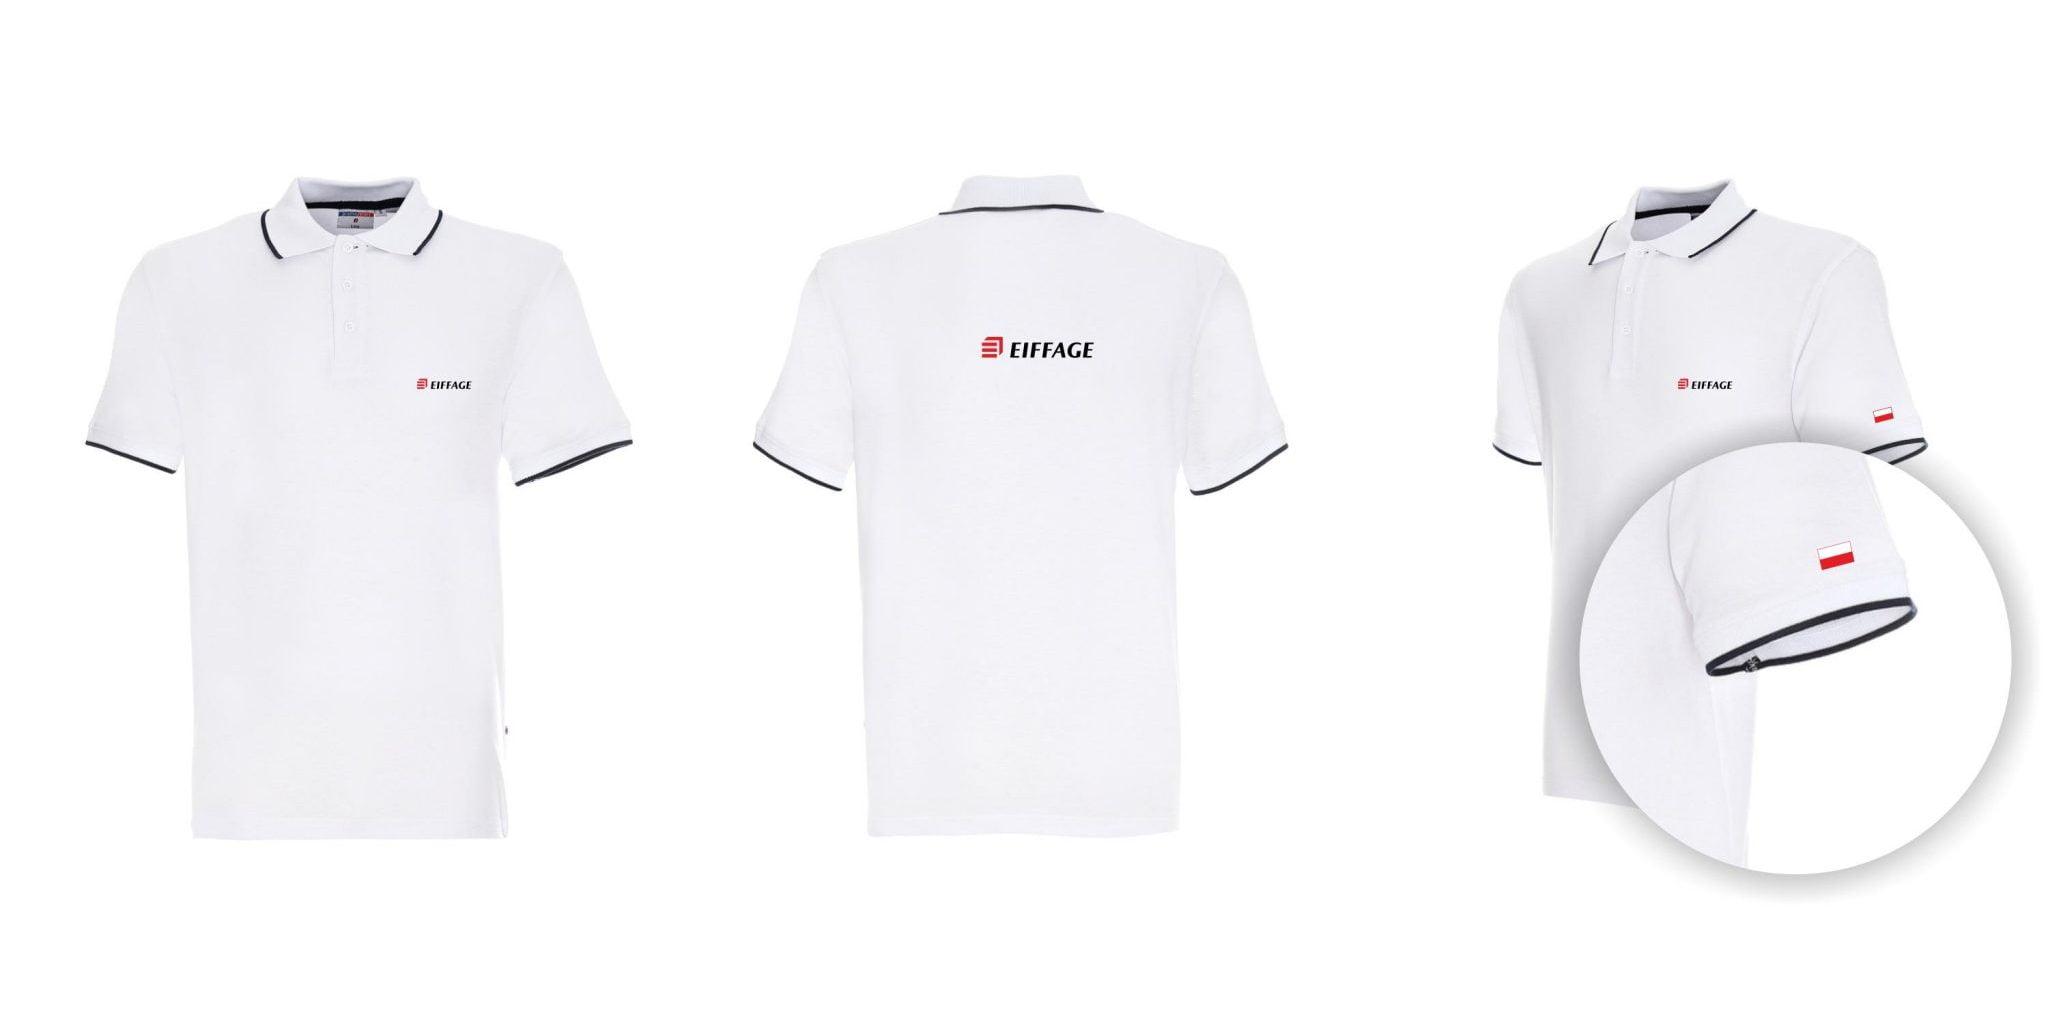 Biała koszulka Polo z nadrukiem reklamowym dla Eiffage